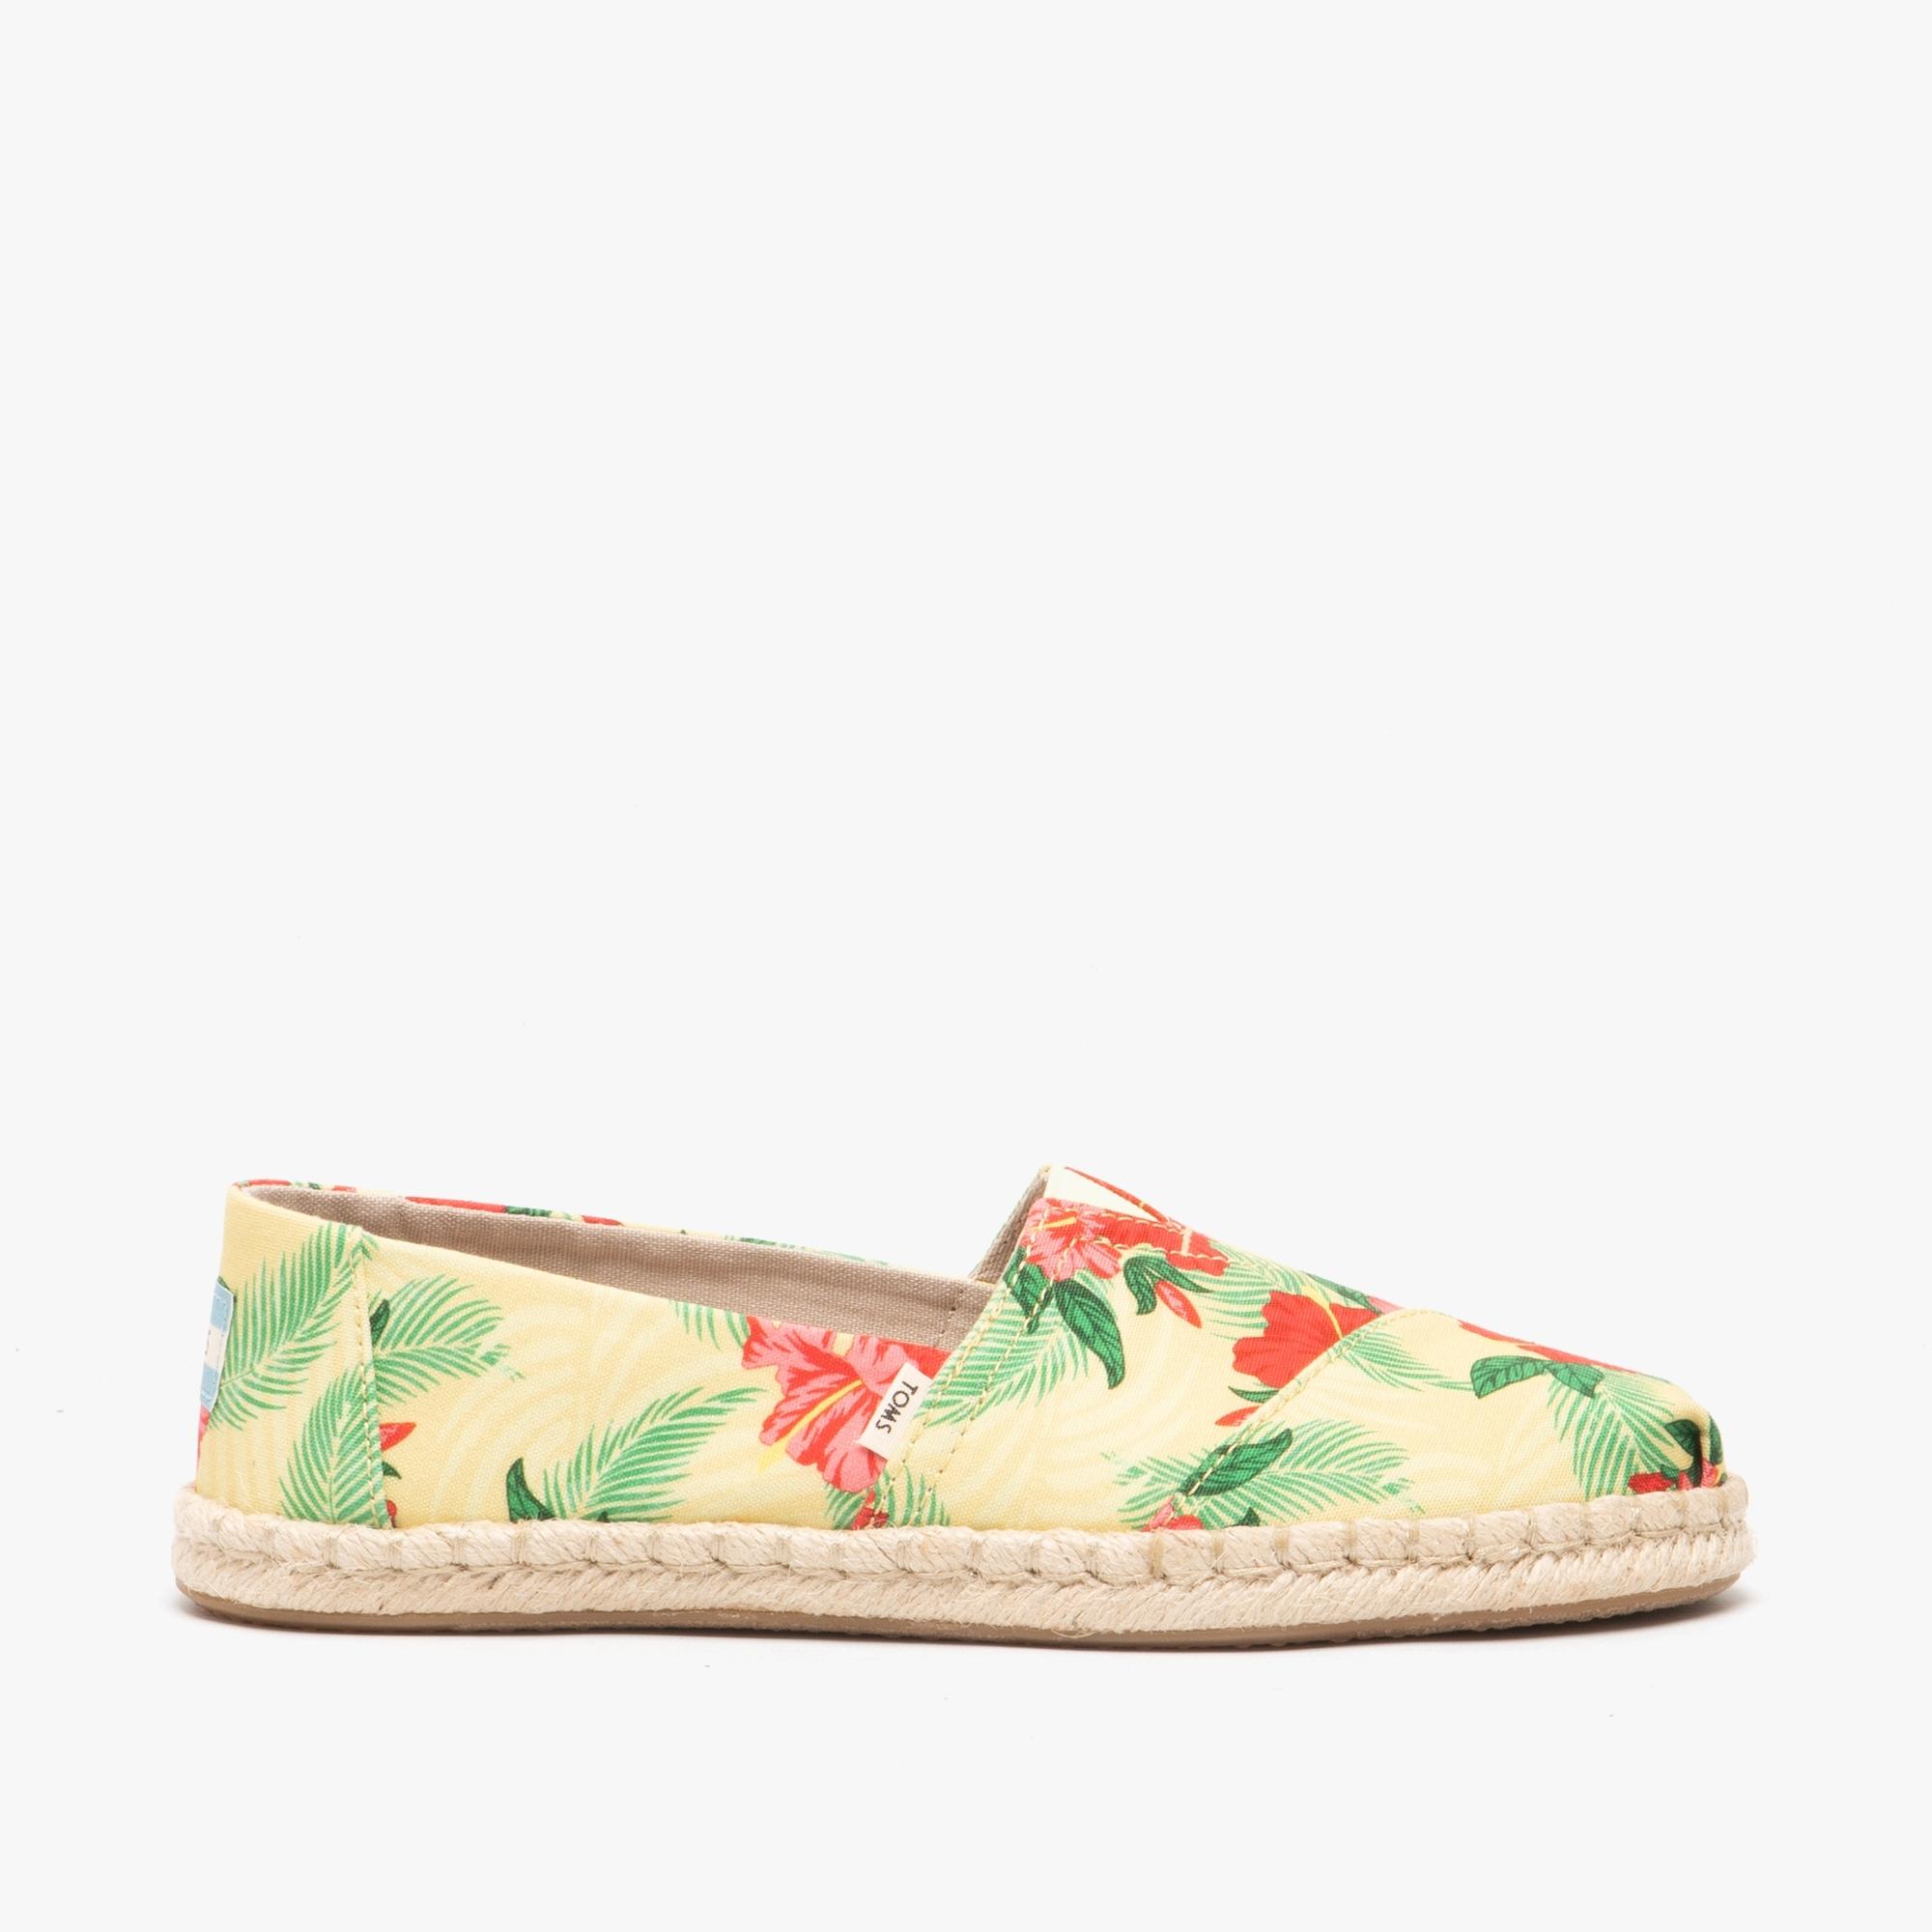 ladies canvas shoes uk